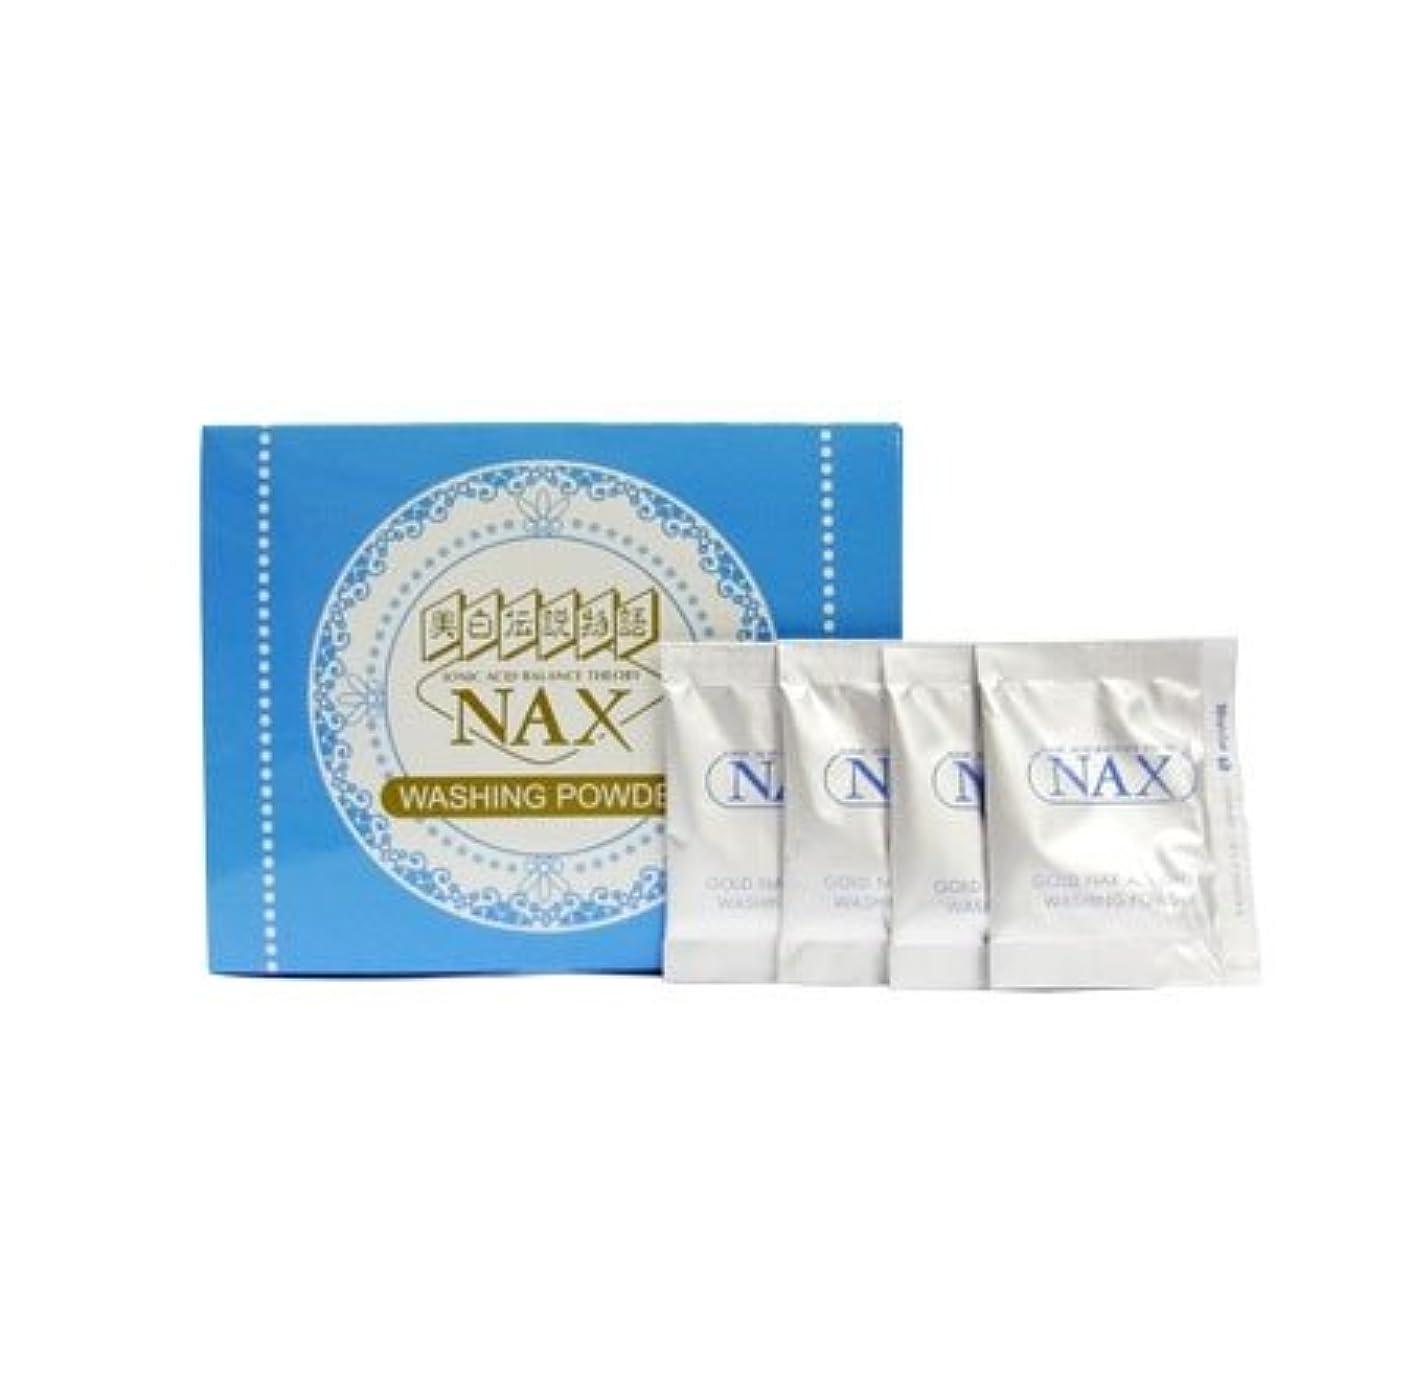 もっと少なく寝室を掃除する嫌悪洗顔パウダー ウォッシングパウダー 洗顔 弱酸性 酵素洗顔料 敏感肌対応 (2箱)